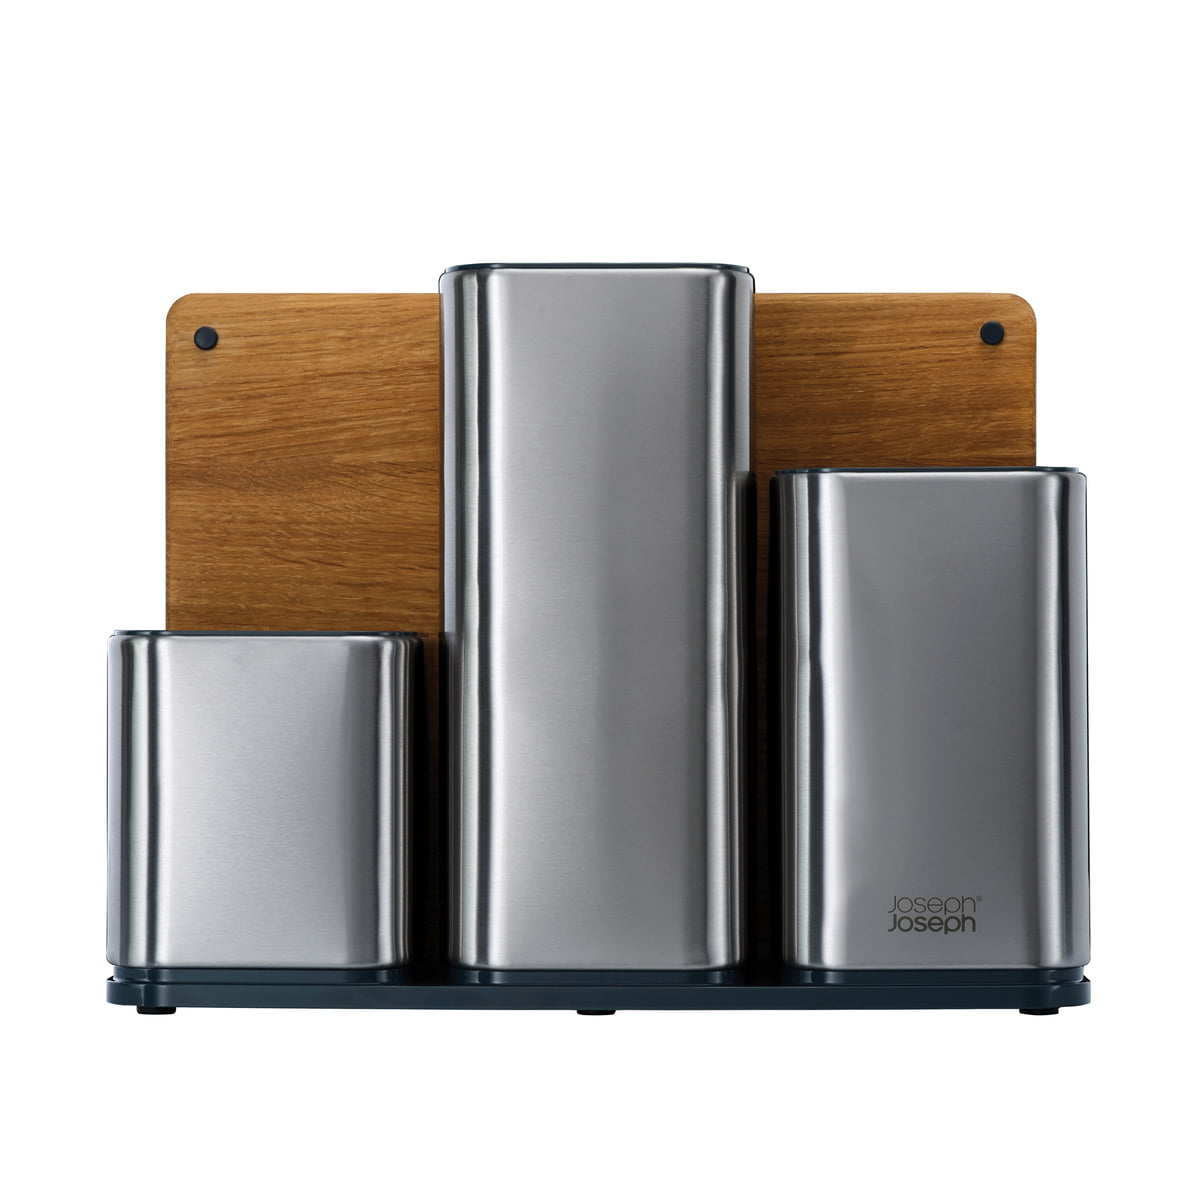 Full Size of Counterstore 100 Von Joseph Connox Küchen Regal Aufbewahrungsbehälter Küche Wohnzimmer Küchen Aufbewahrungsbehälter